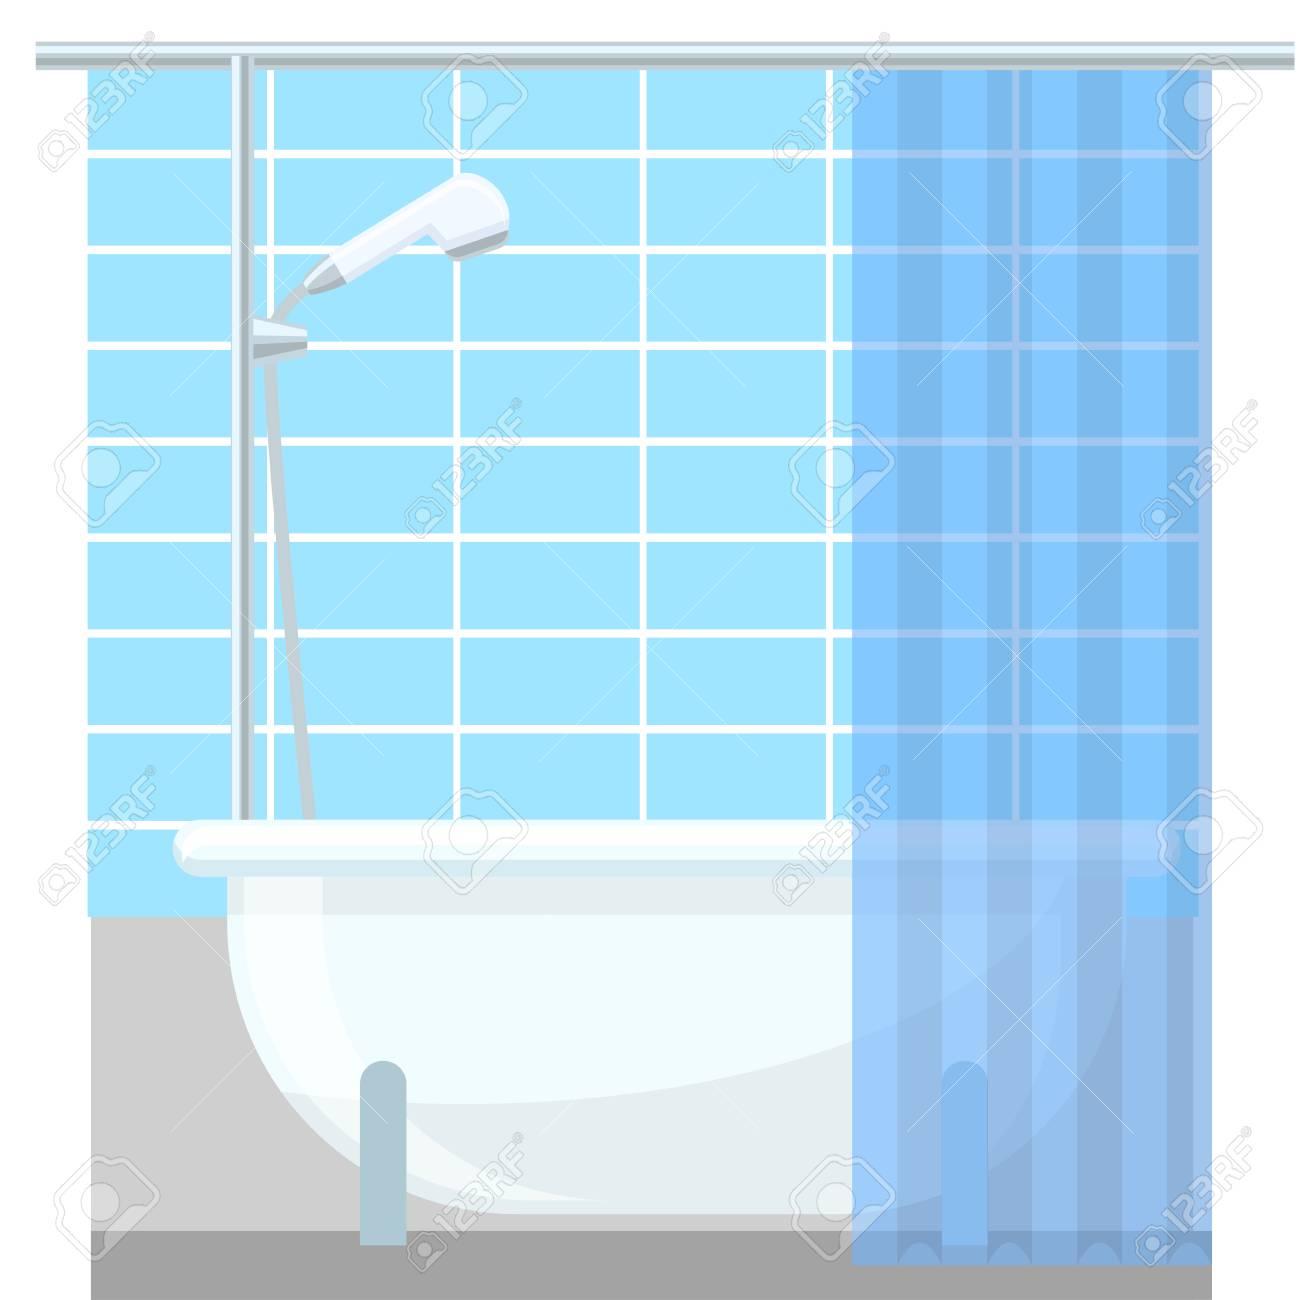 Affiche Salle De Bain Retro ~ affiche int rieure de salle de bain ou baignoire flyer promo dans l